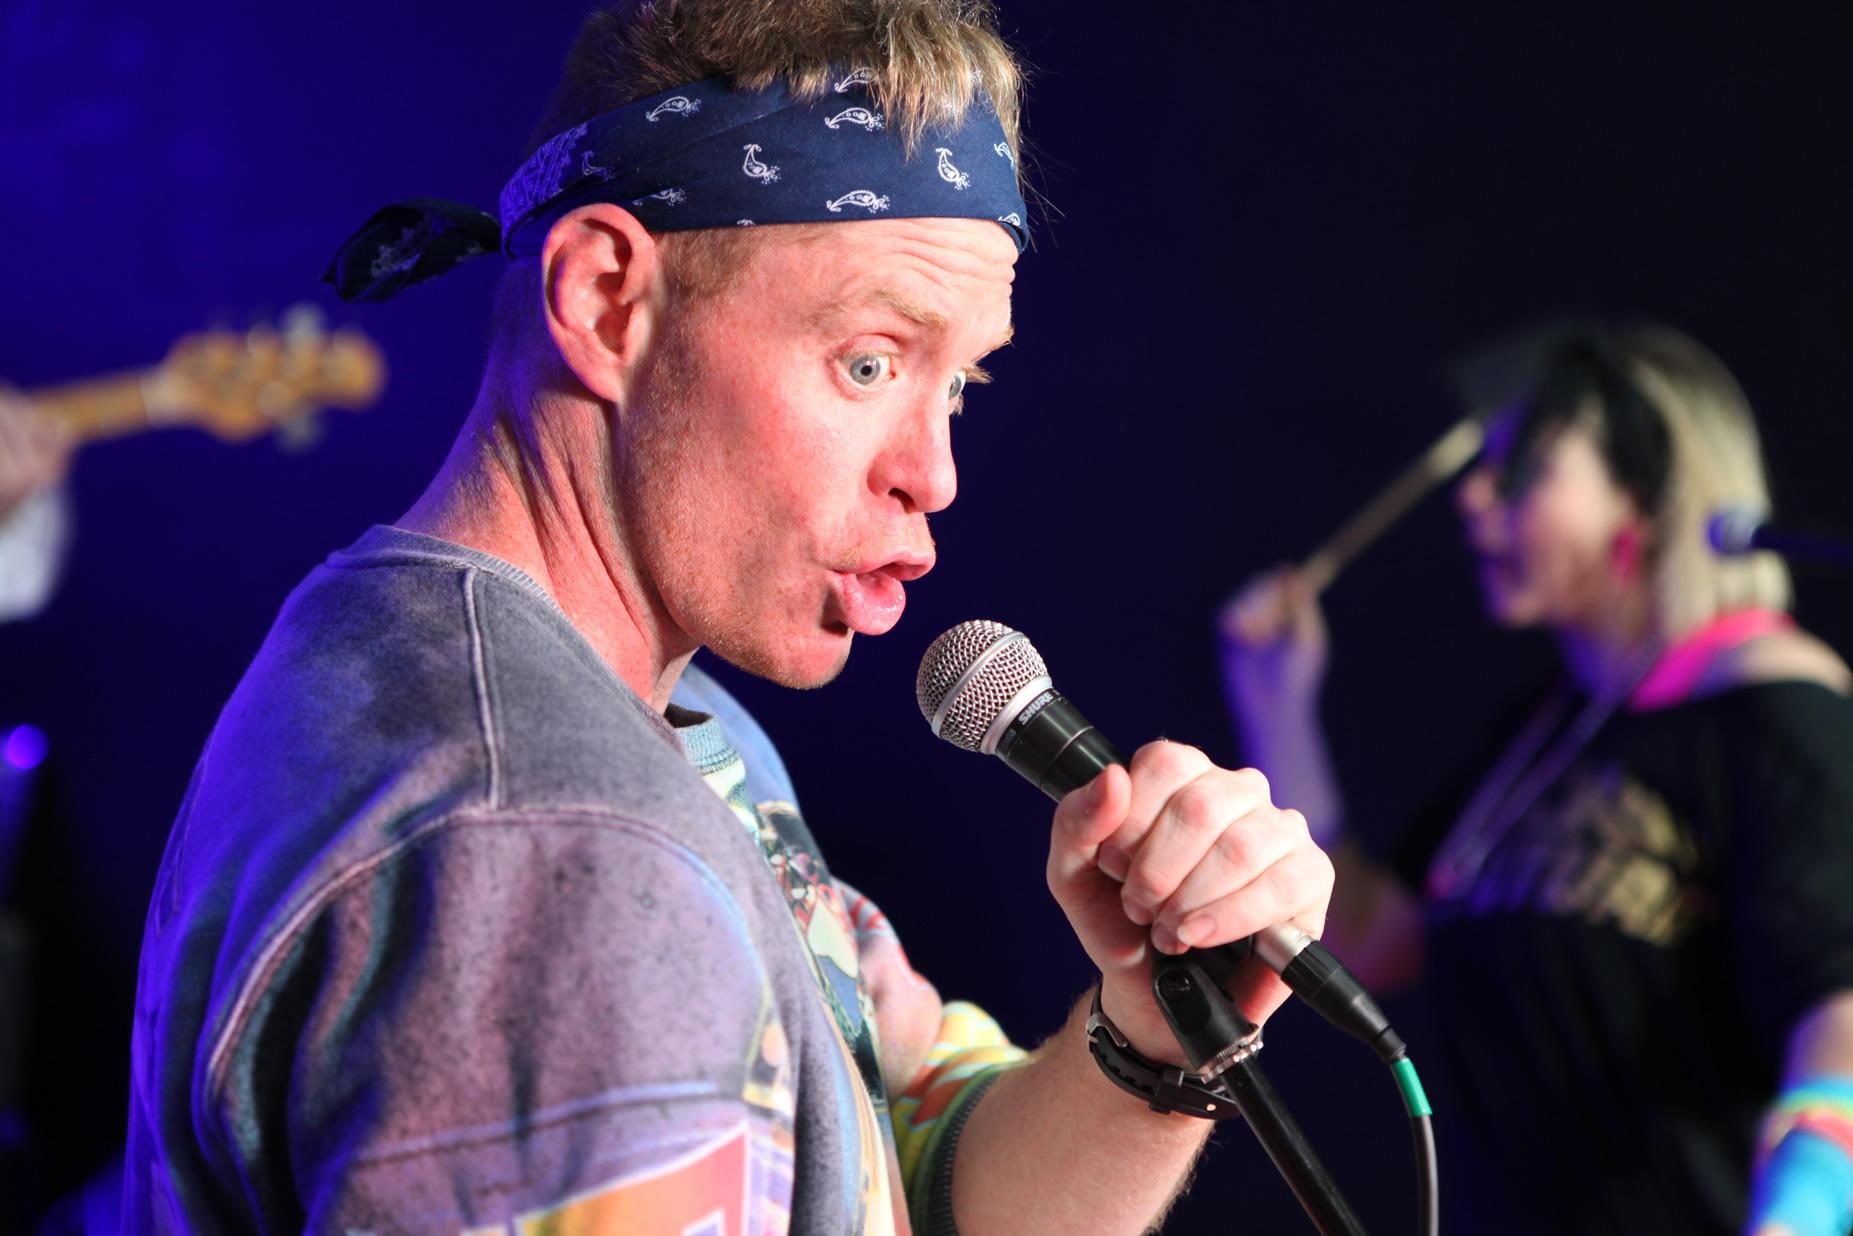 Gareth on vocals